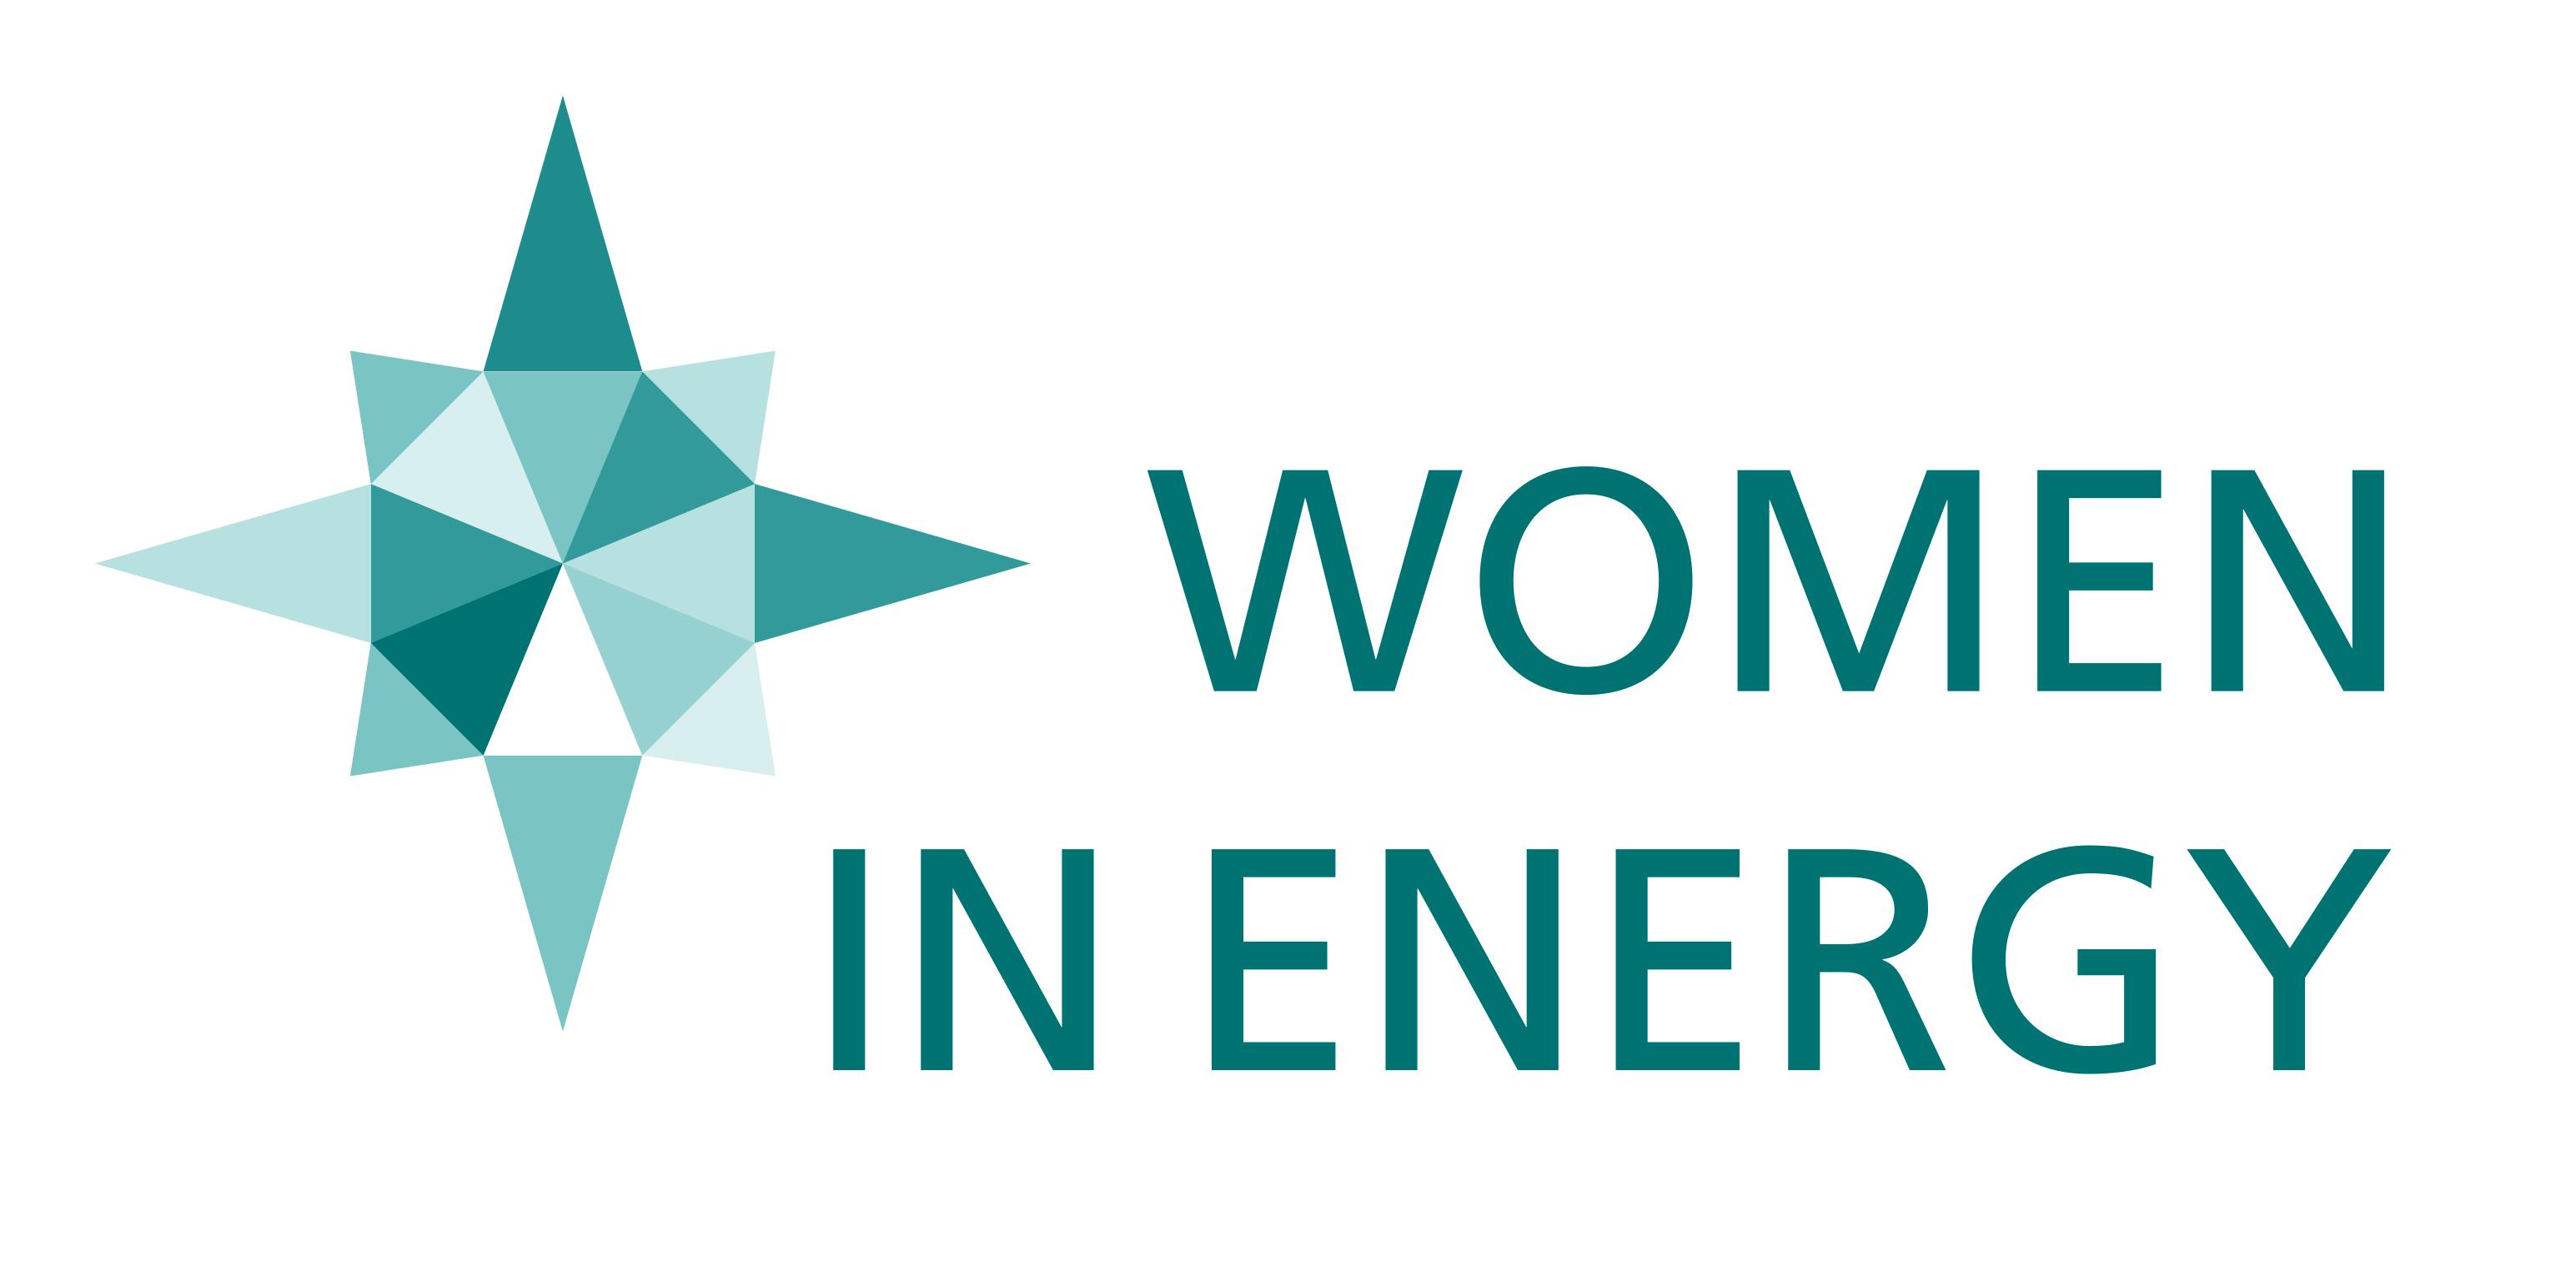 Women%20in%20Energy_%20logo.jpg